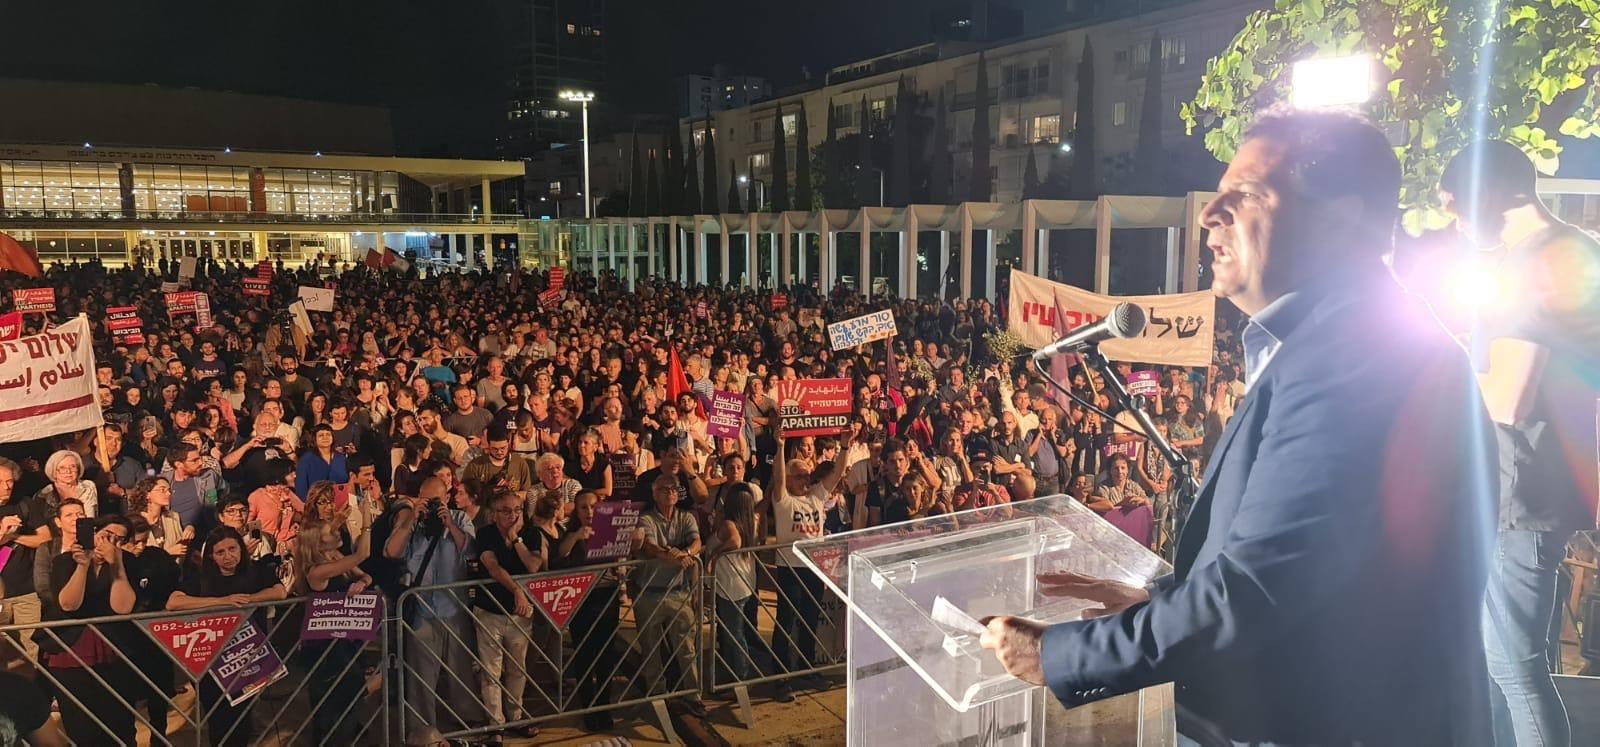 """אלפים רבים הפגינו בת""""א בדרישה לסיים את הכיבוש ואת המצור; התחדשה המחאה בבלפור"""